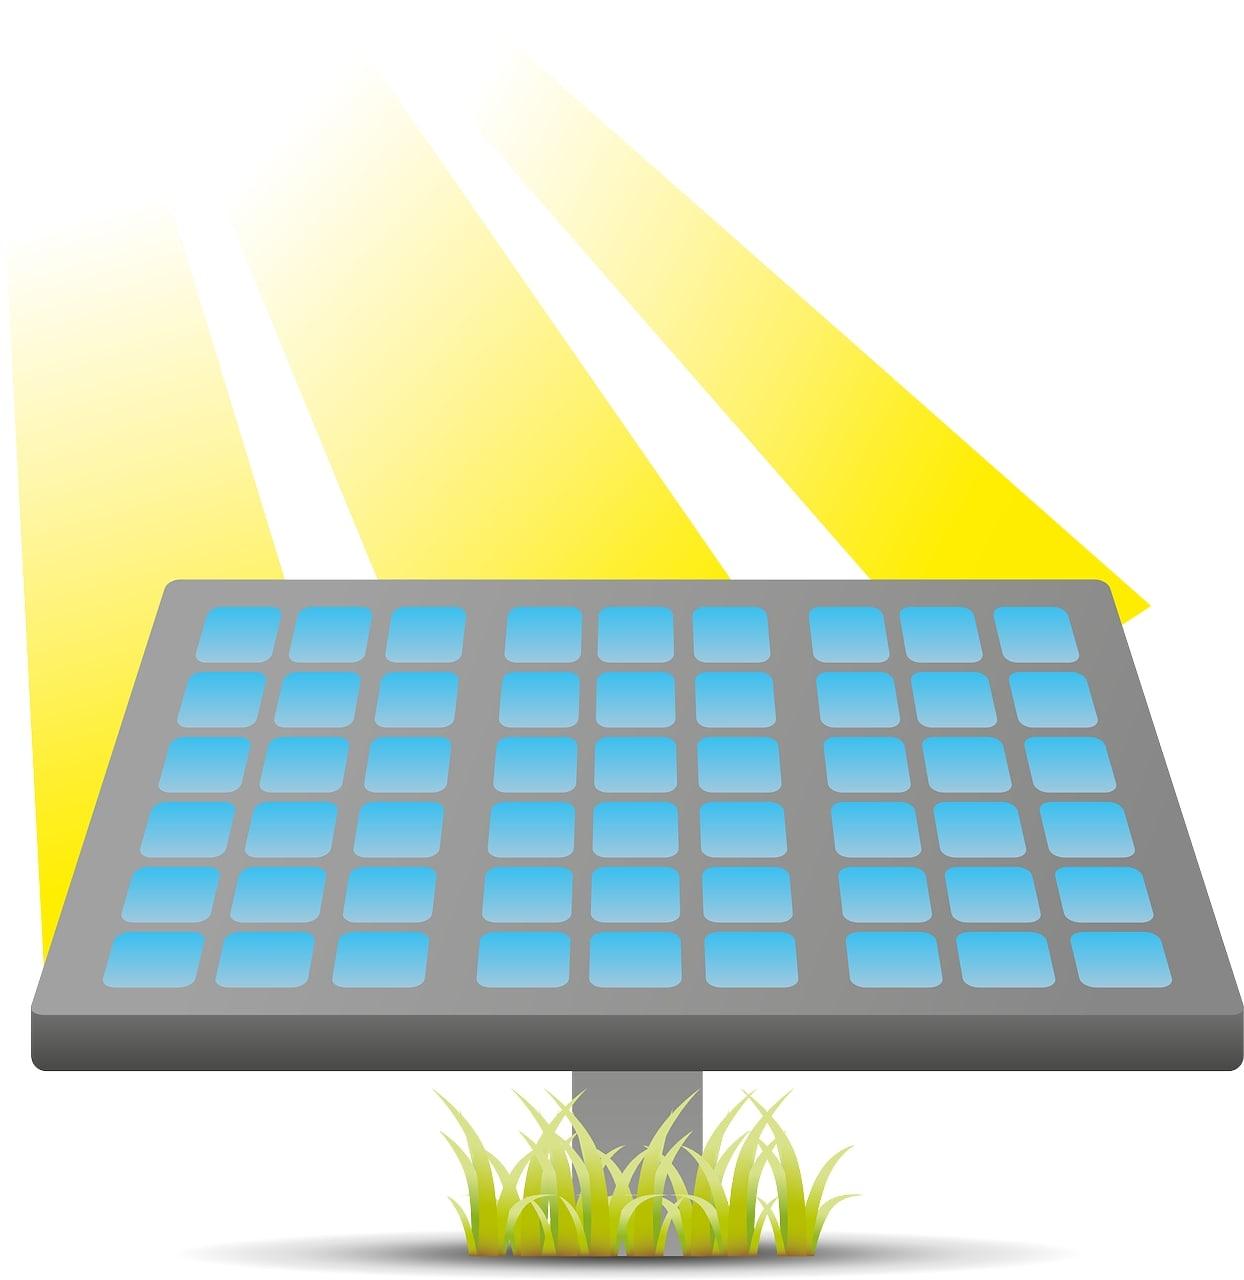 Jak panele zamieniają energię stałą na prąd zmienny